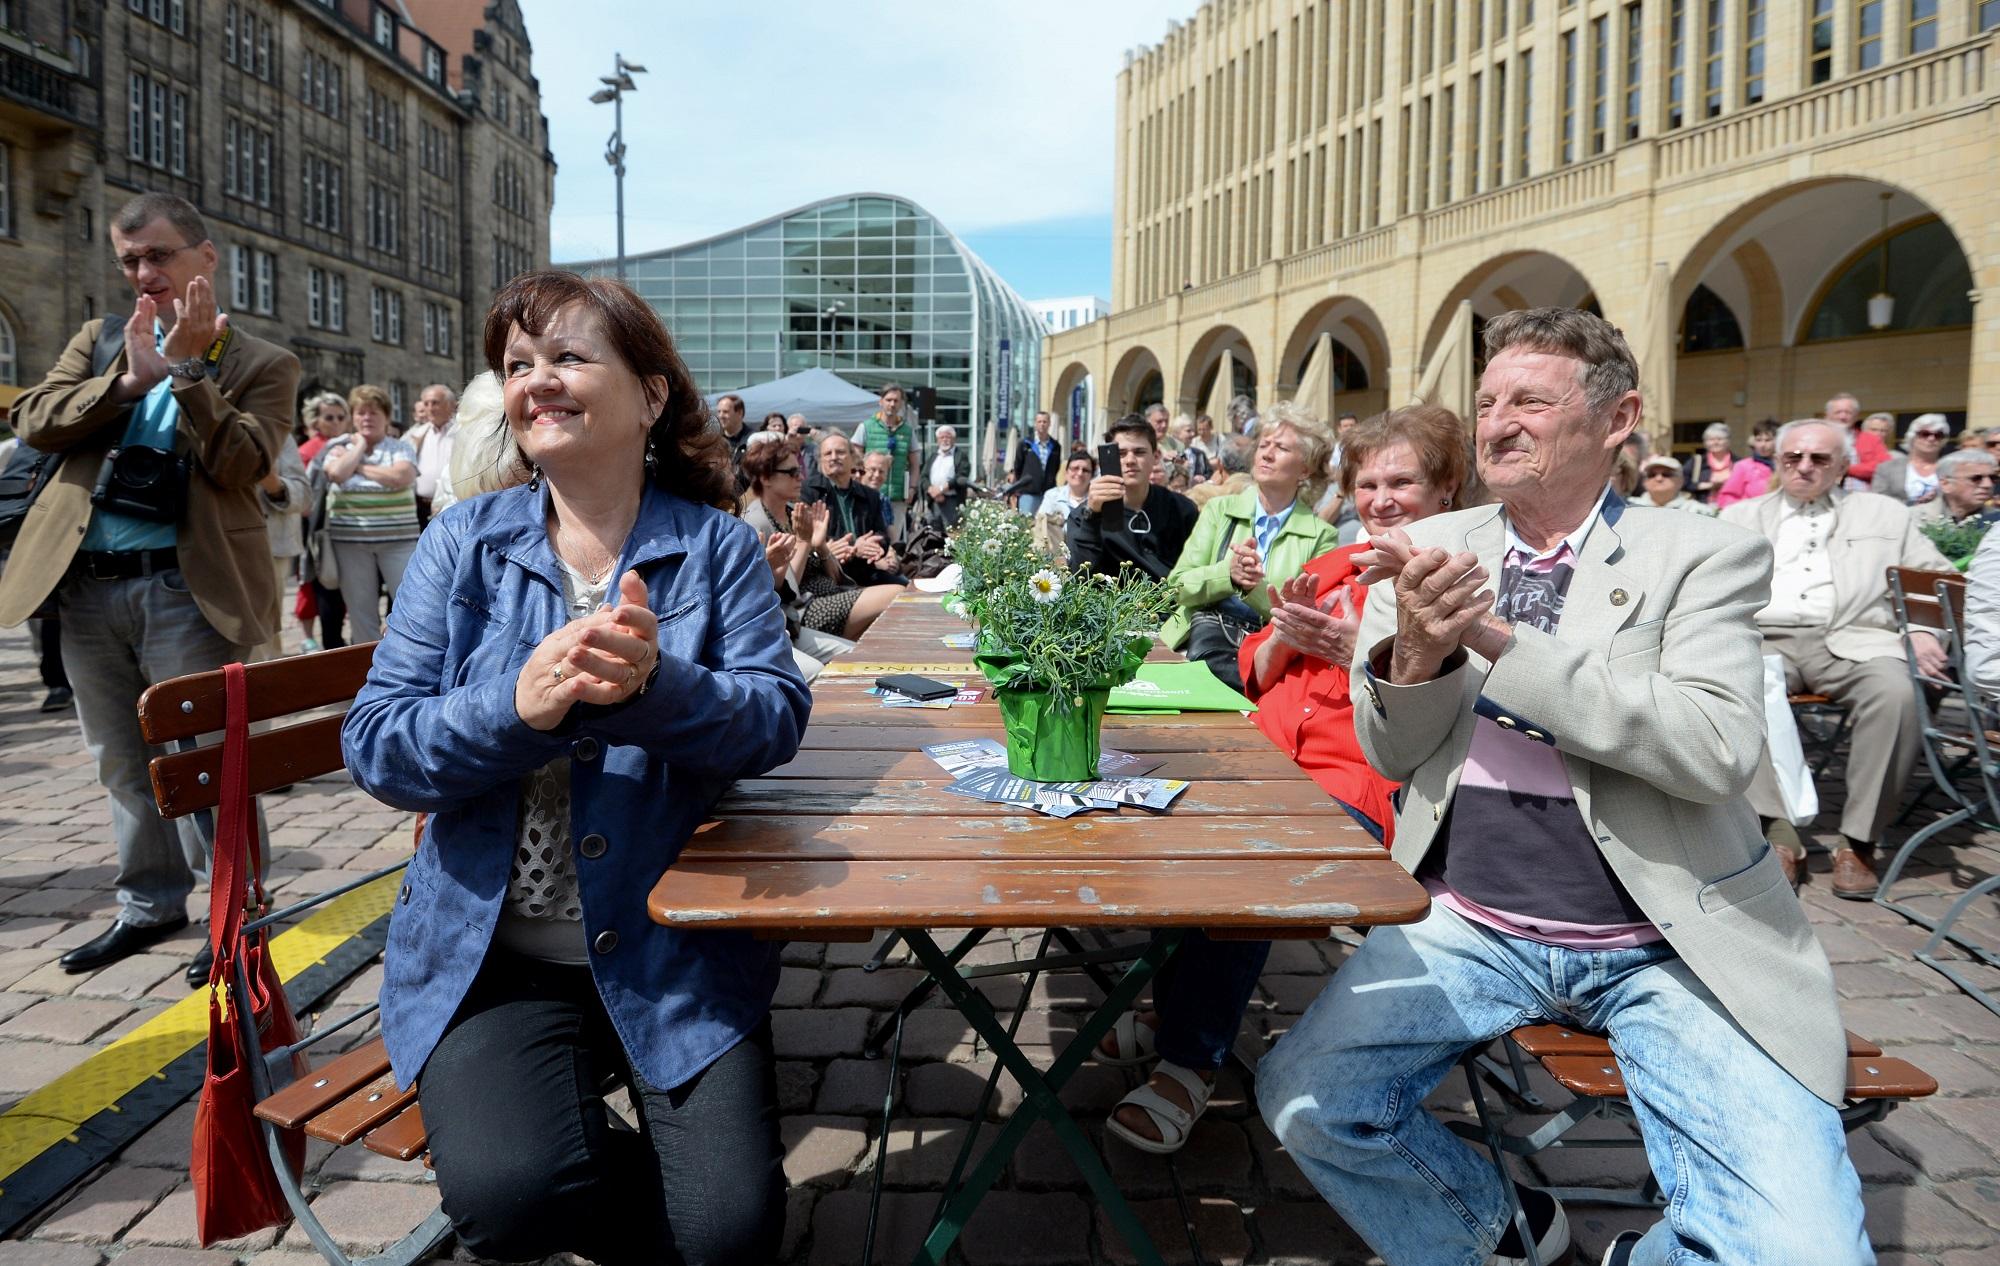 Chemnitz Online Hookup & Dating - Match & Flirt with Singles in Chemnitz